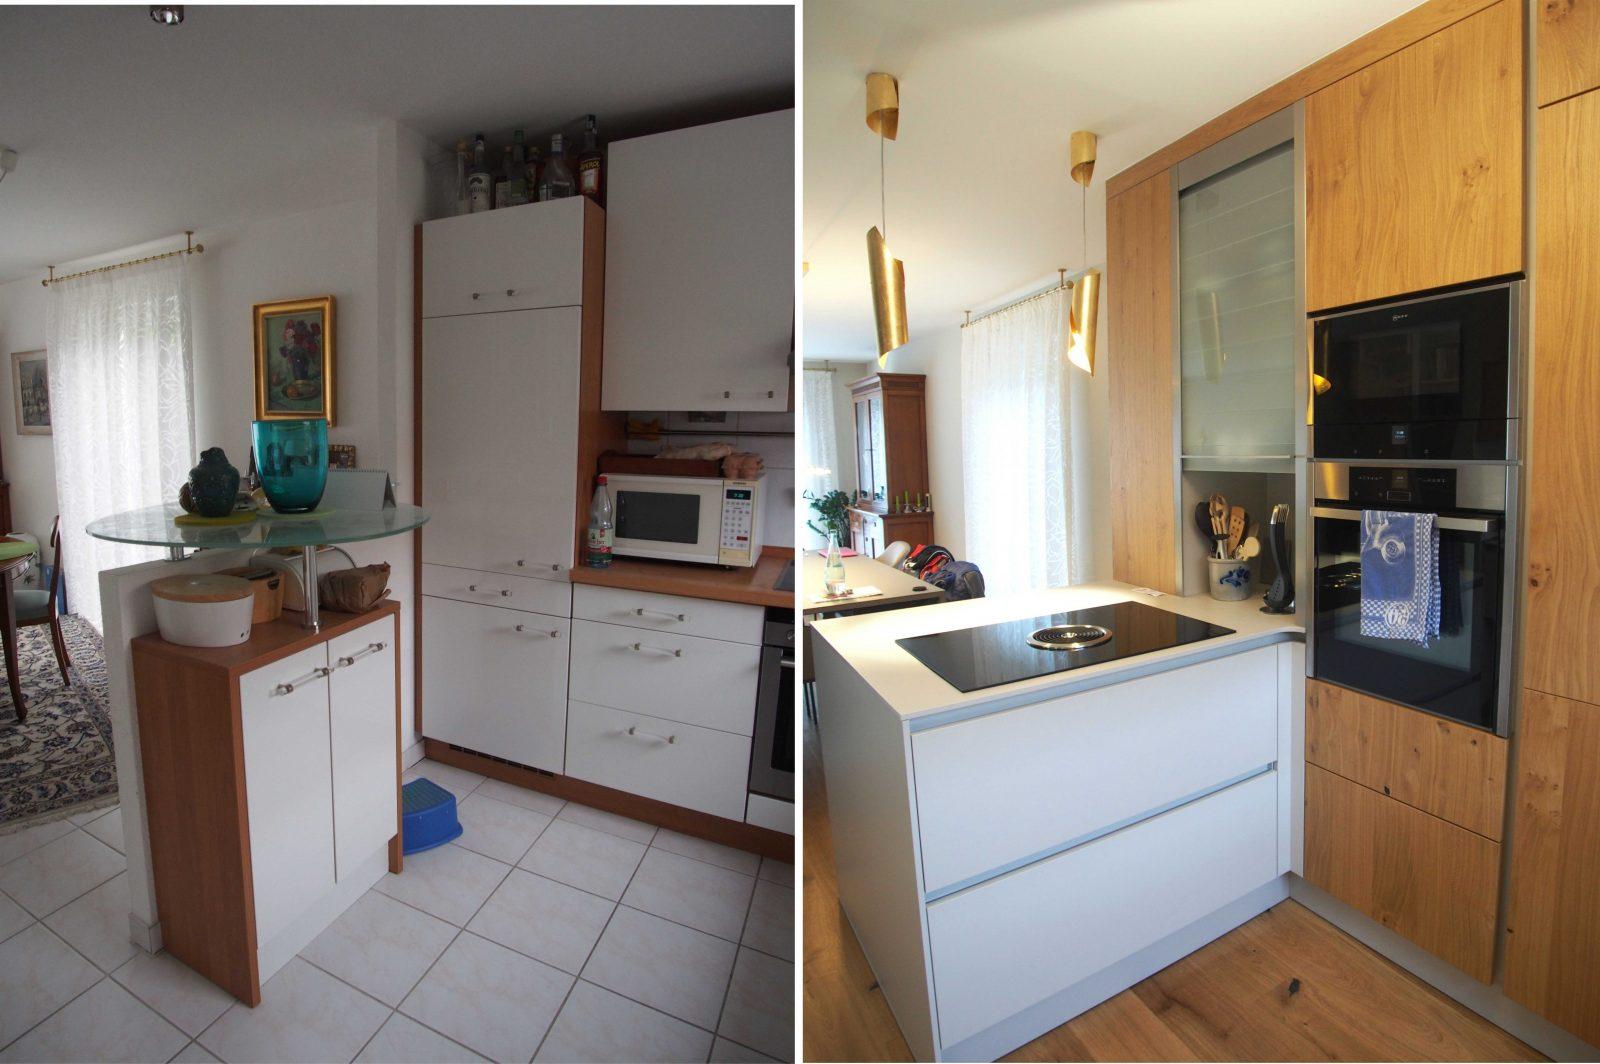 Alte Küchen Neu Gestalten | Alte Küche Aufpeppen Vorher Nachher Alte ...